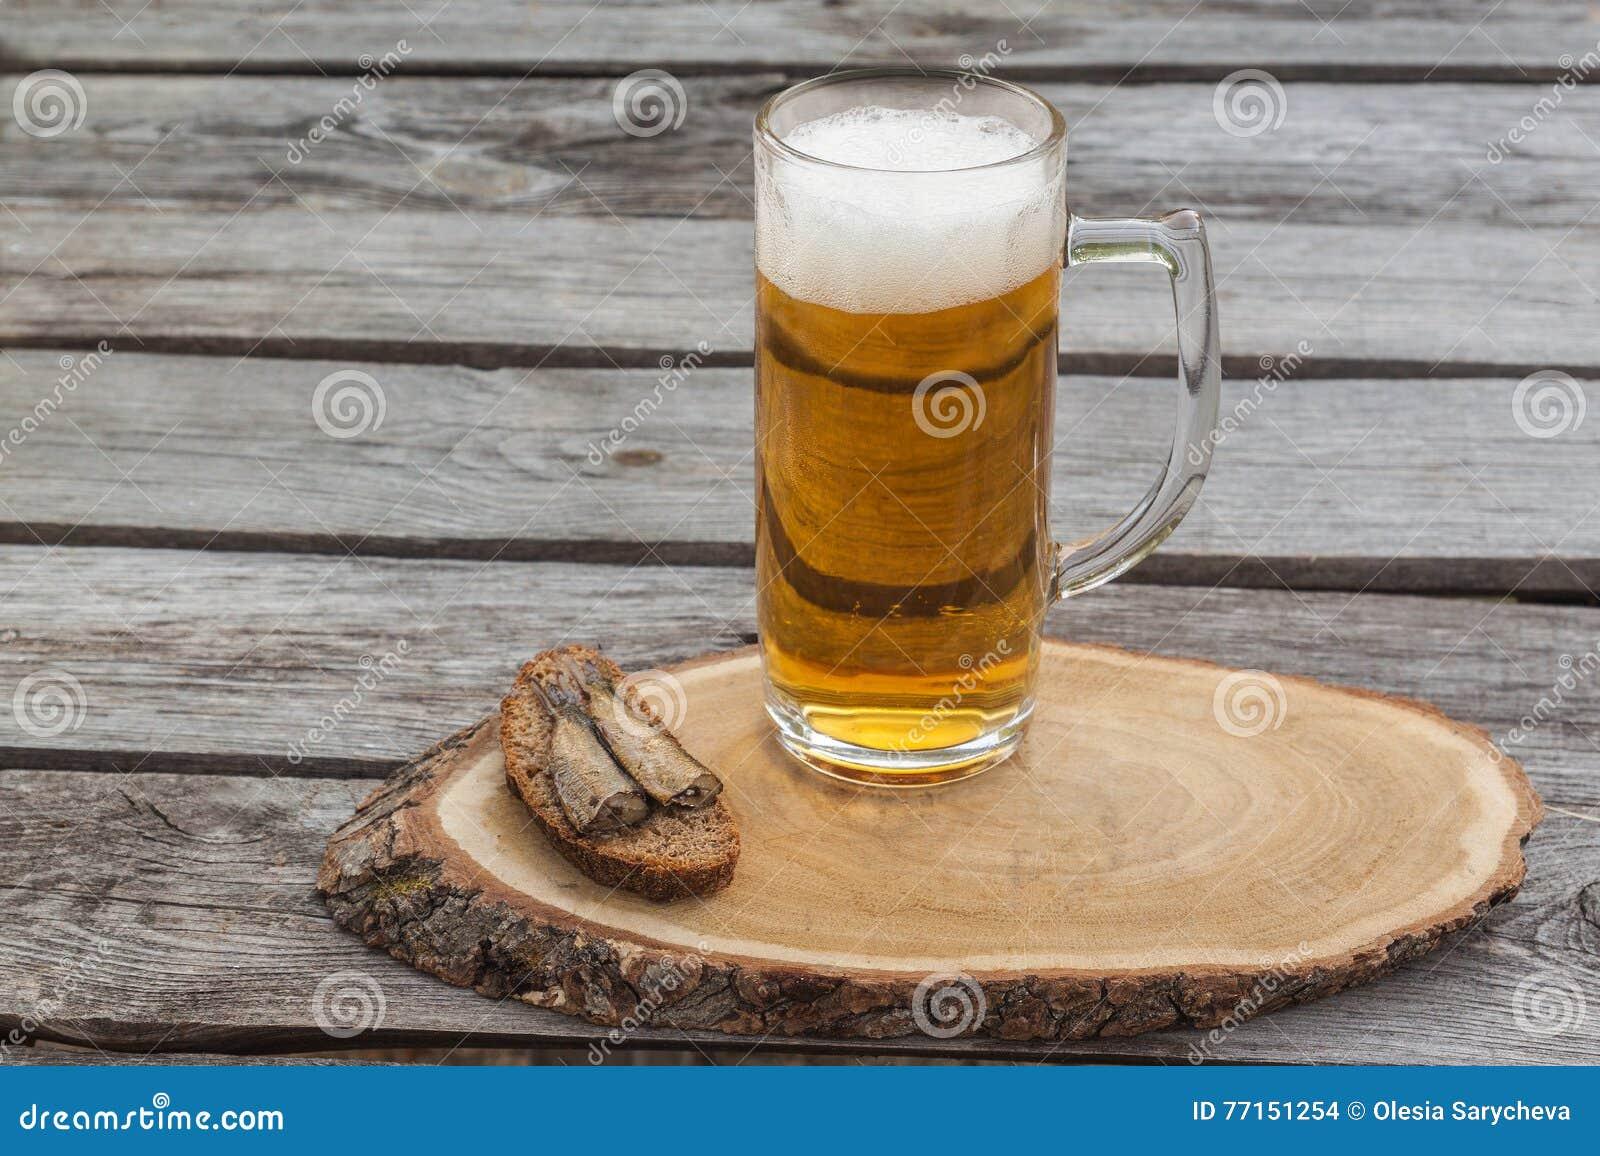 Glace de bière sur une table en bois